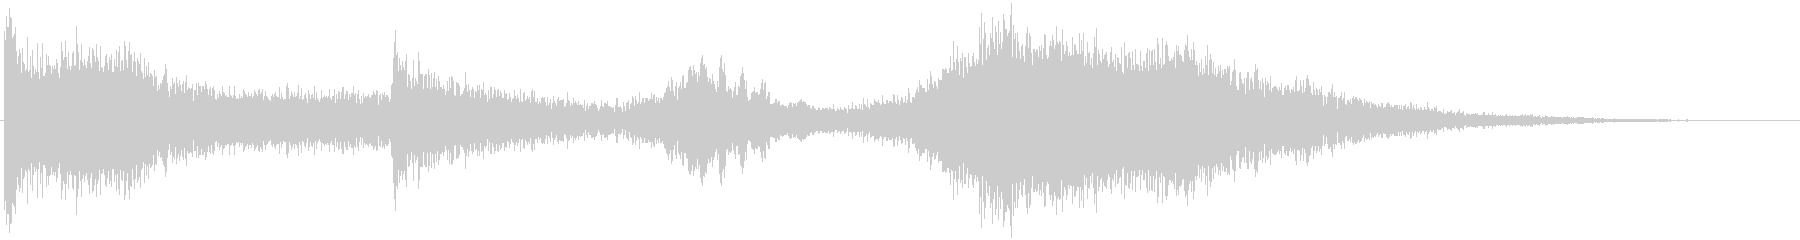 【ホラー】 ダークな映像・タイトルロゴの未再生の波形